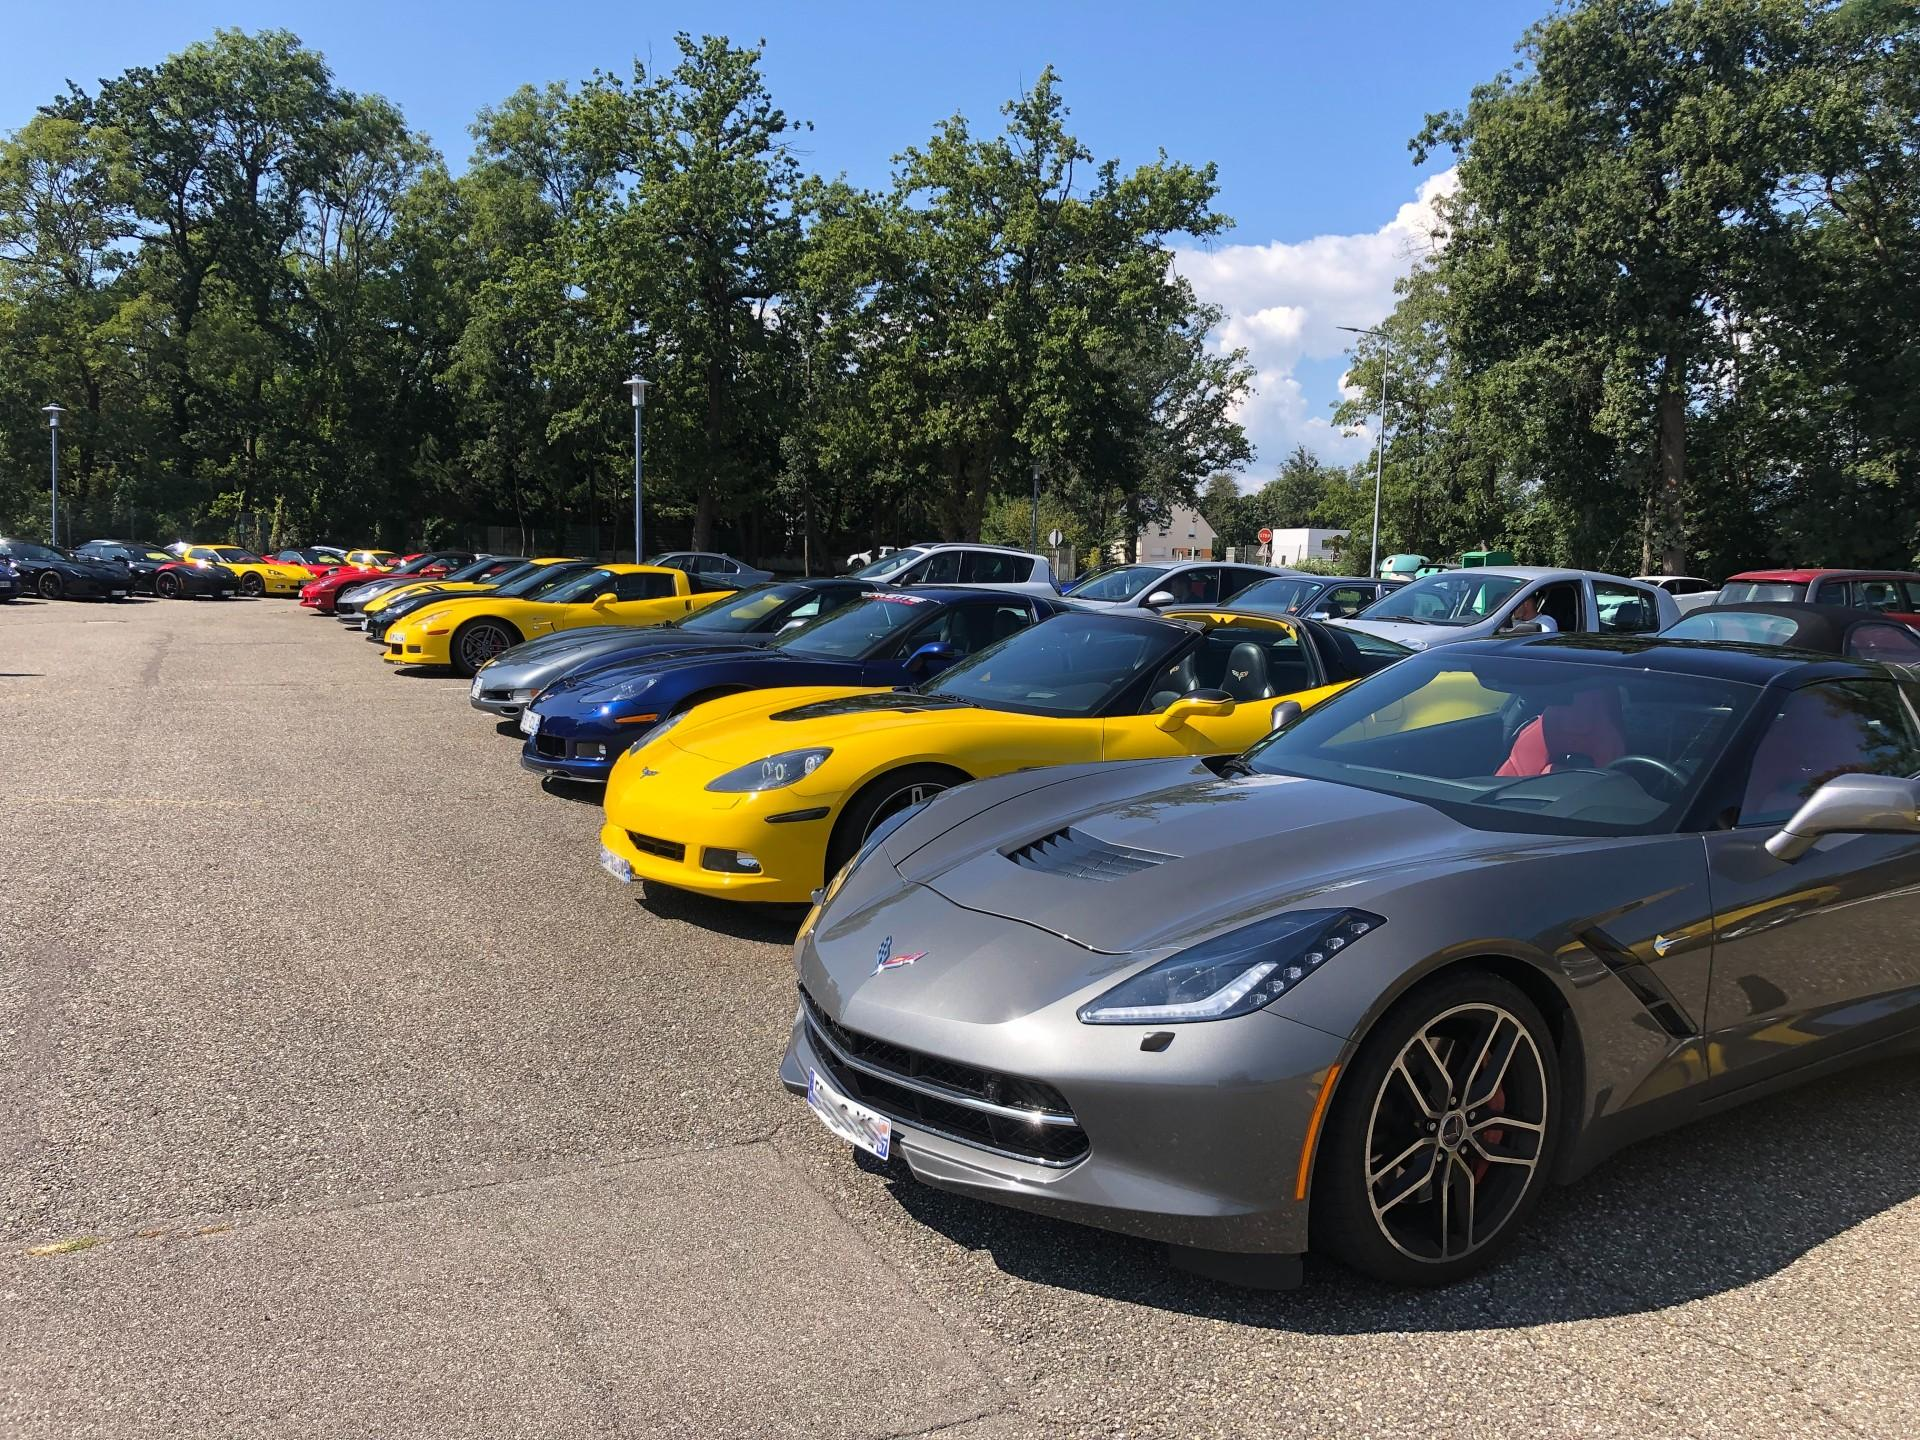 Corvette day 20